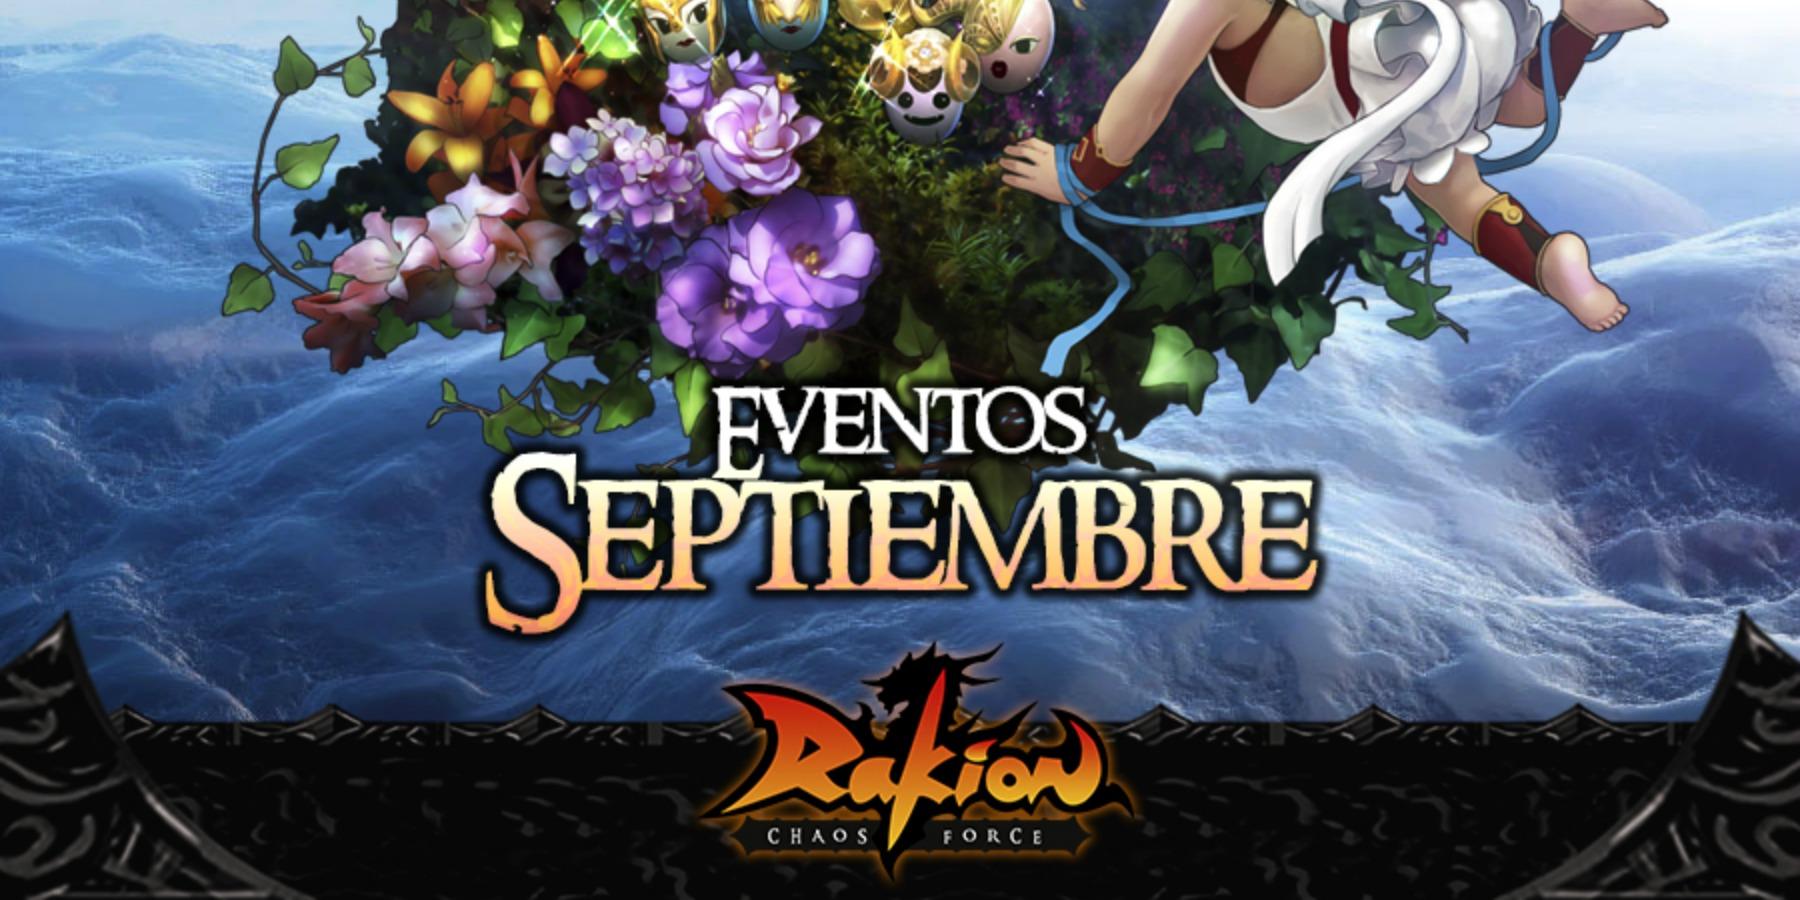 Rakion trae primicias y novedosos eventos para septiembre